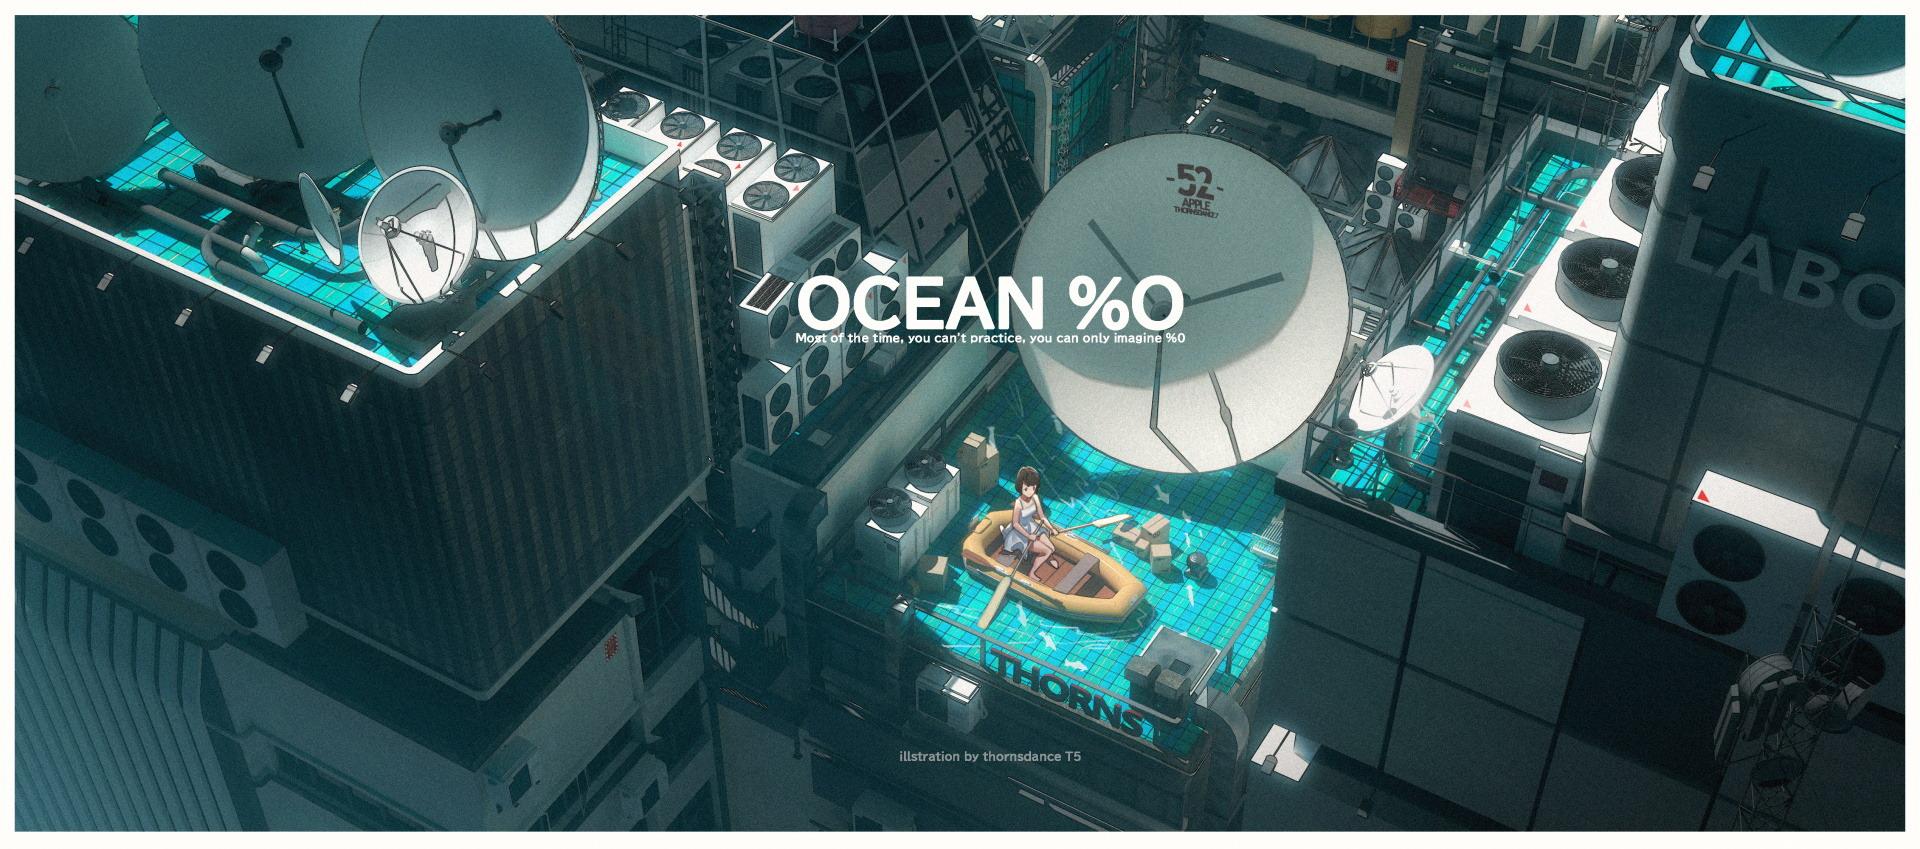 ocean %0 - T5